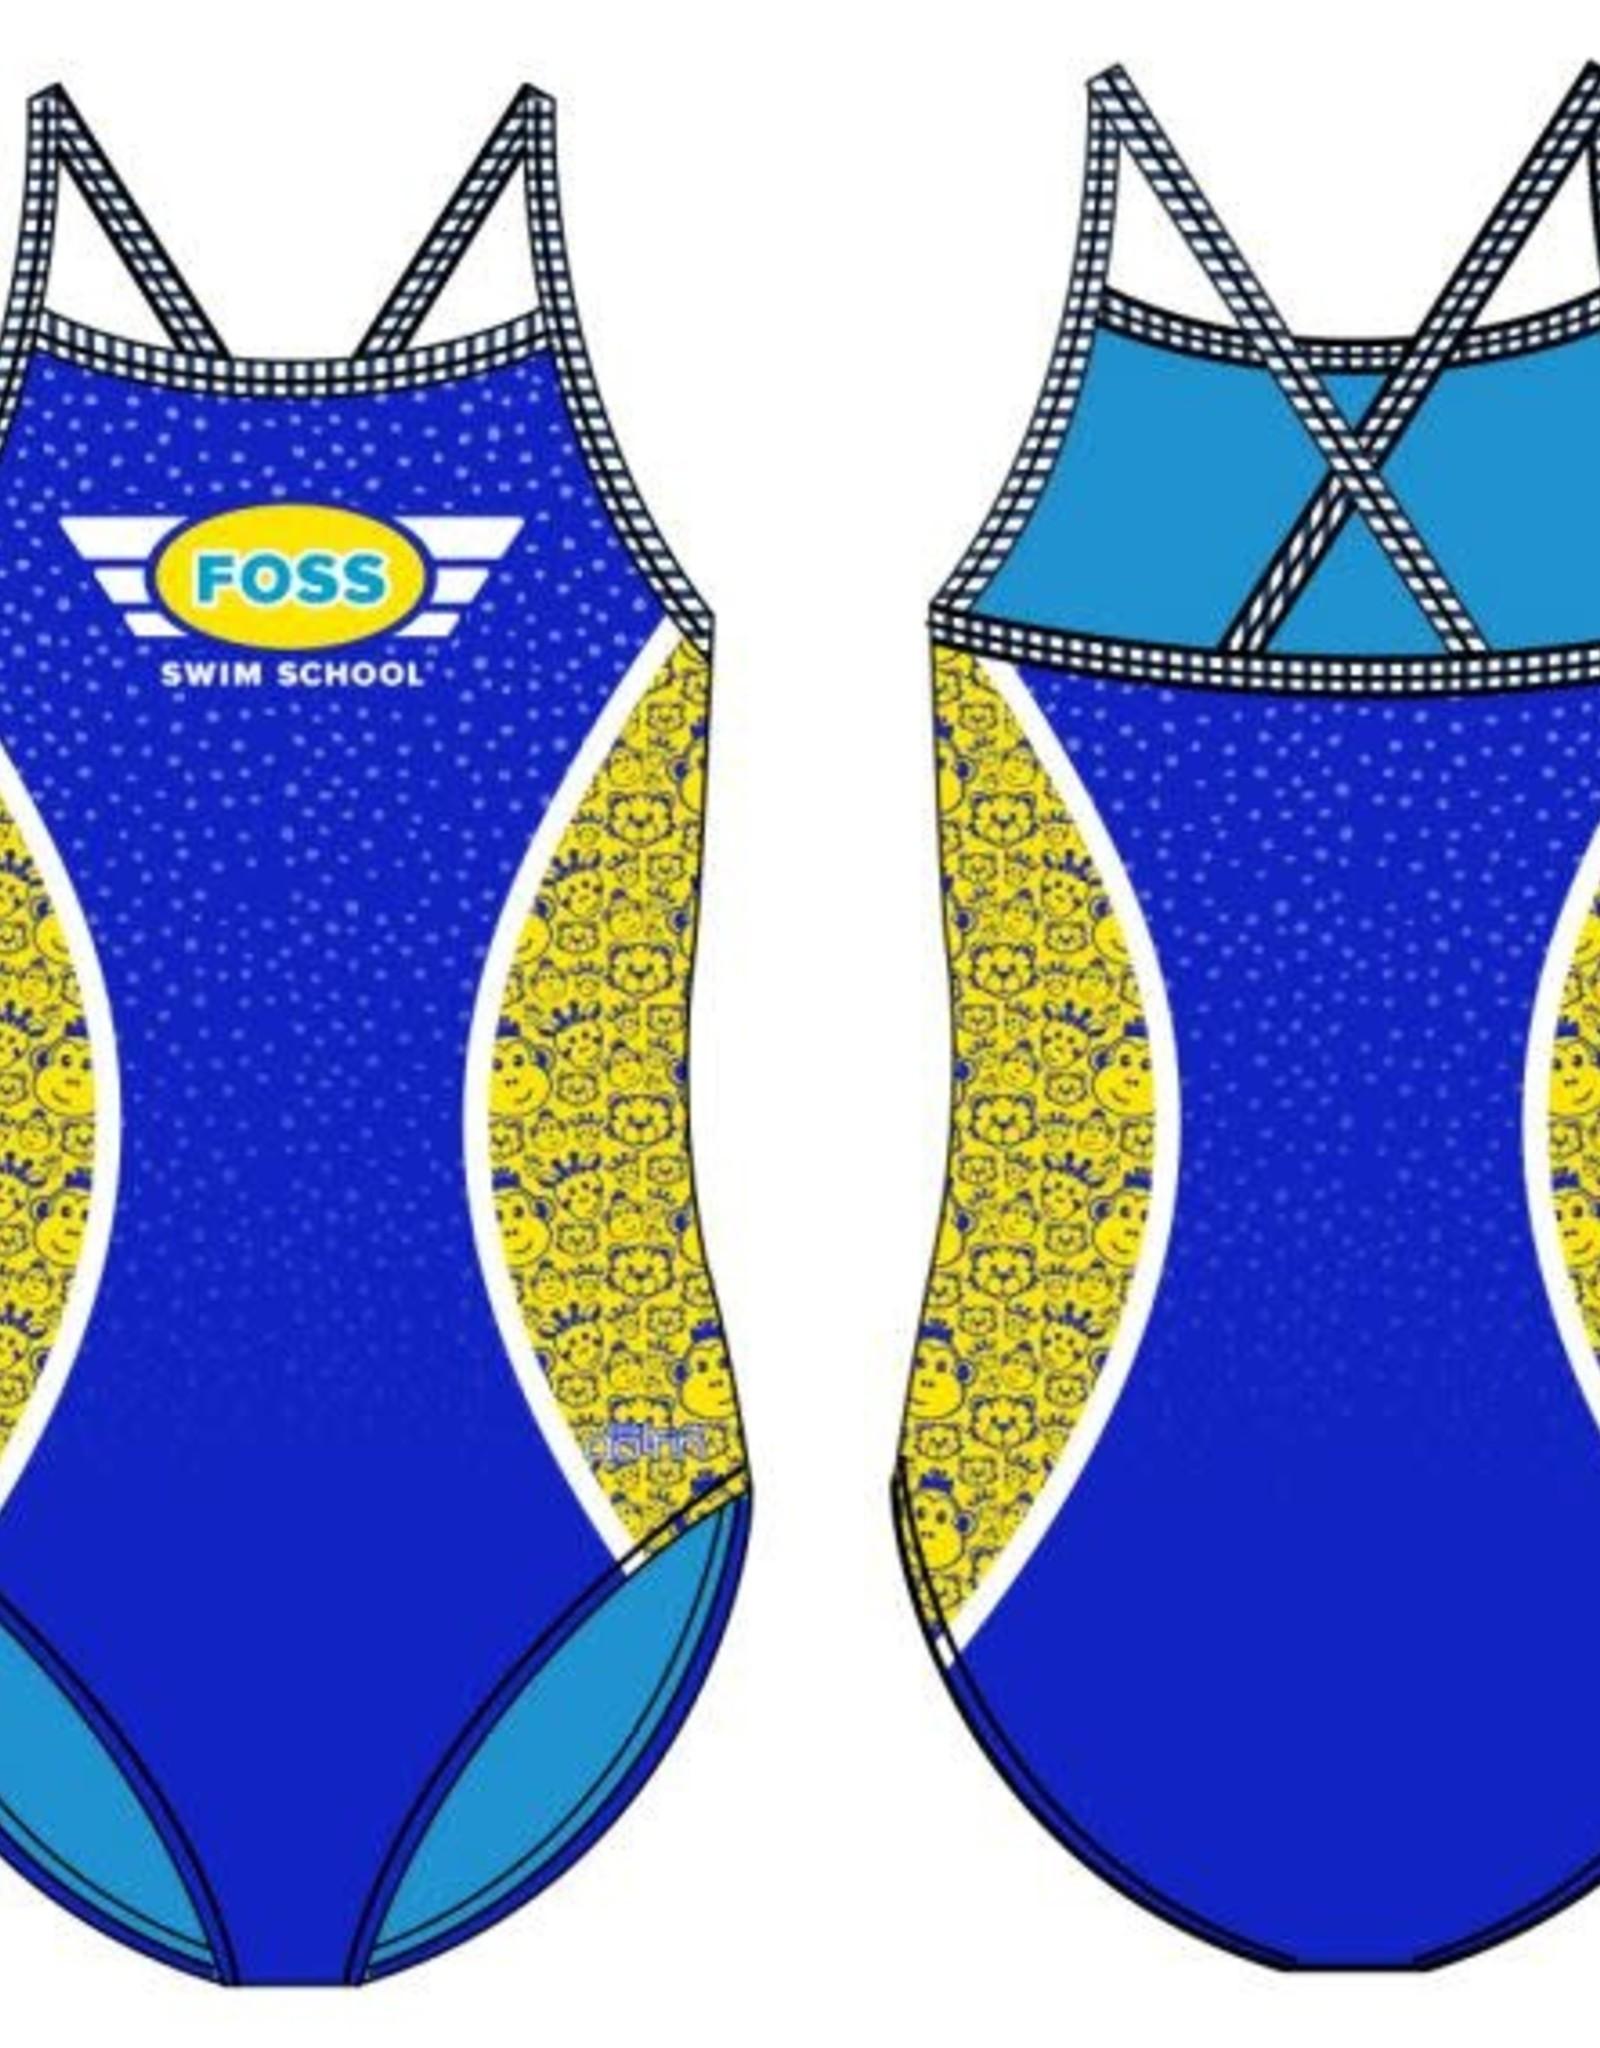 FOSS Girls Suit: Monkey, Tiger, Giraffe Print